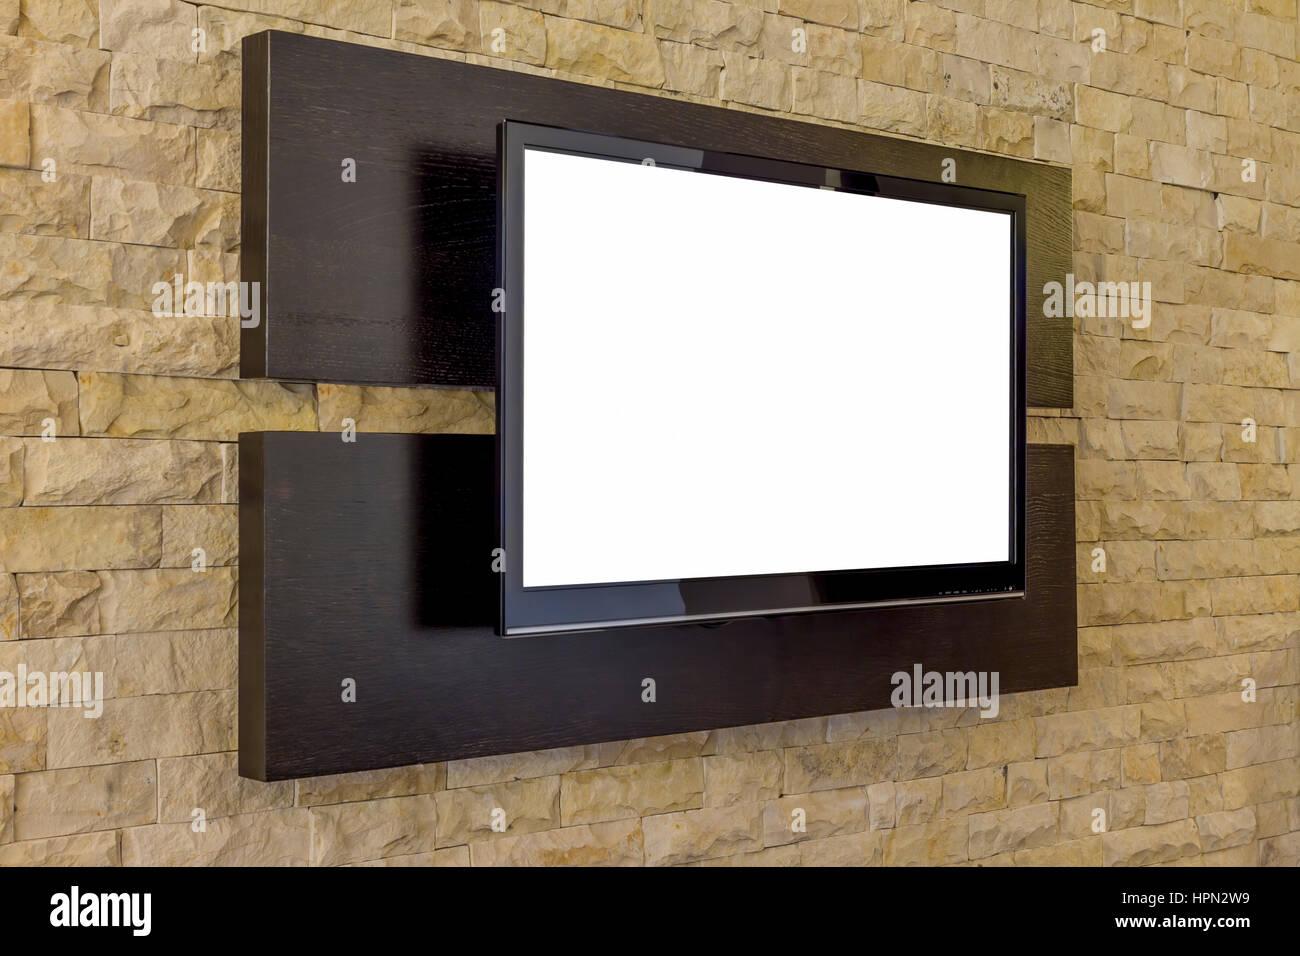 TV-Anzeige auf neue Ziegel Wand Hintergrund. Moderne Wohnzimmer ...